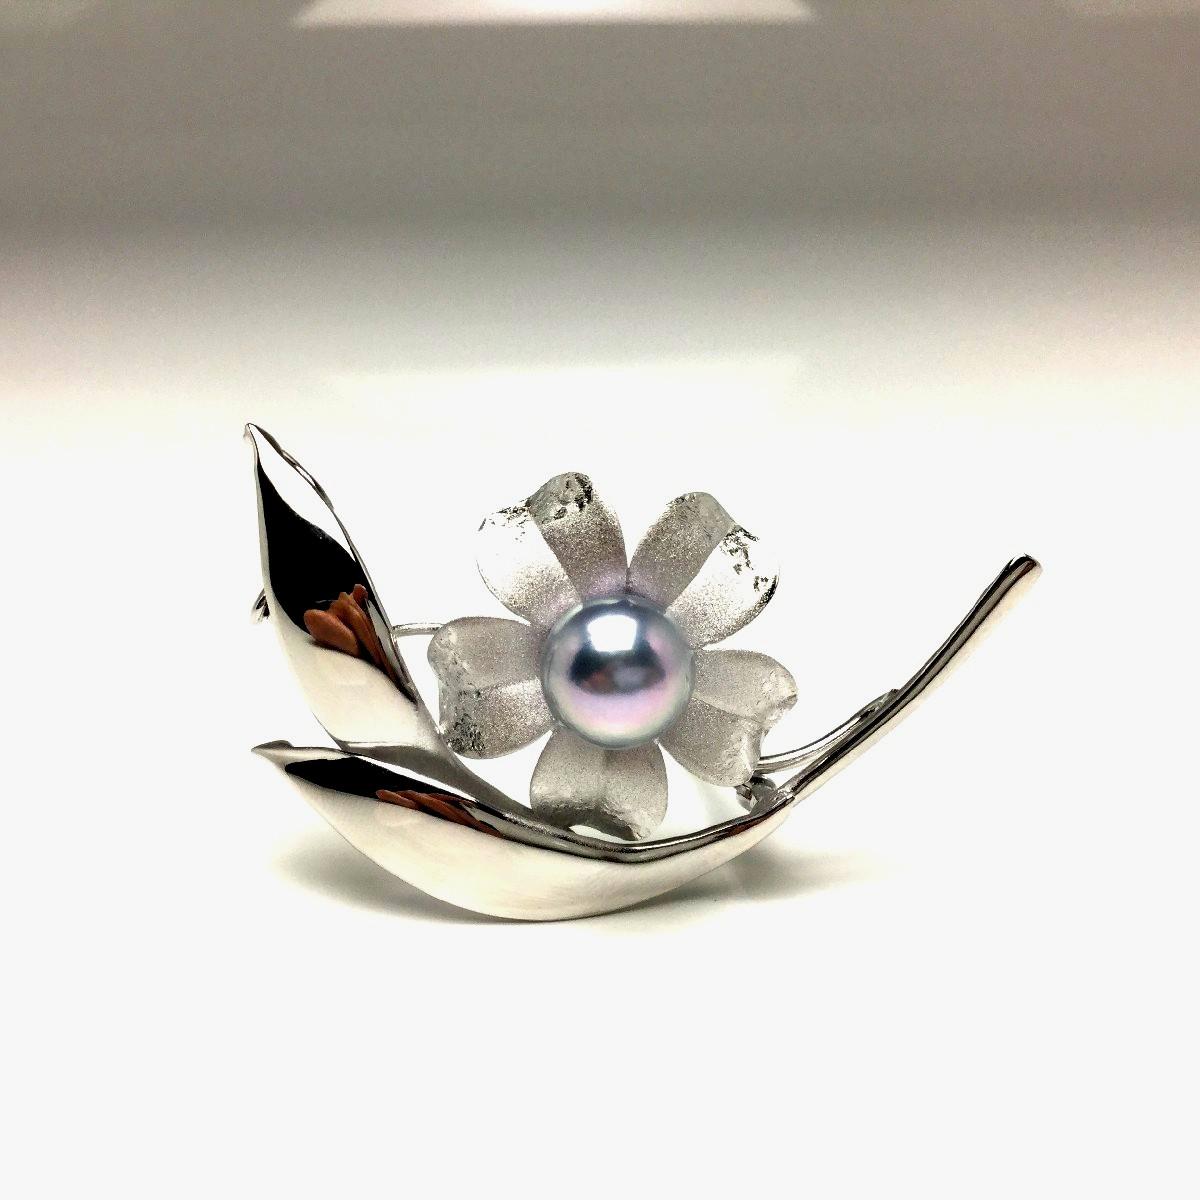 真珠 ブローチ パール アコヤ真珠 9.0-9.5mm シルバーブルー シルバー 植物 フラワー 66822 イソワパール